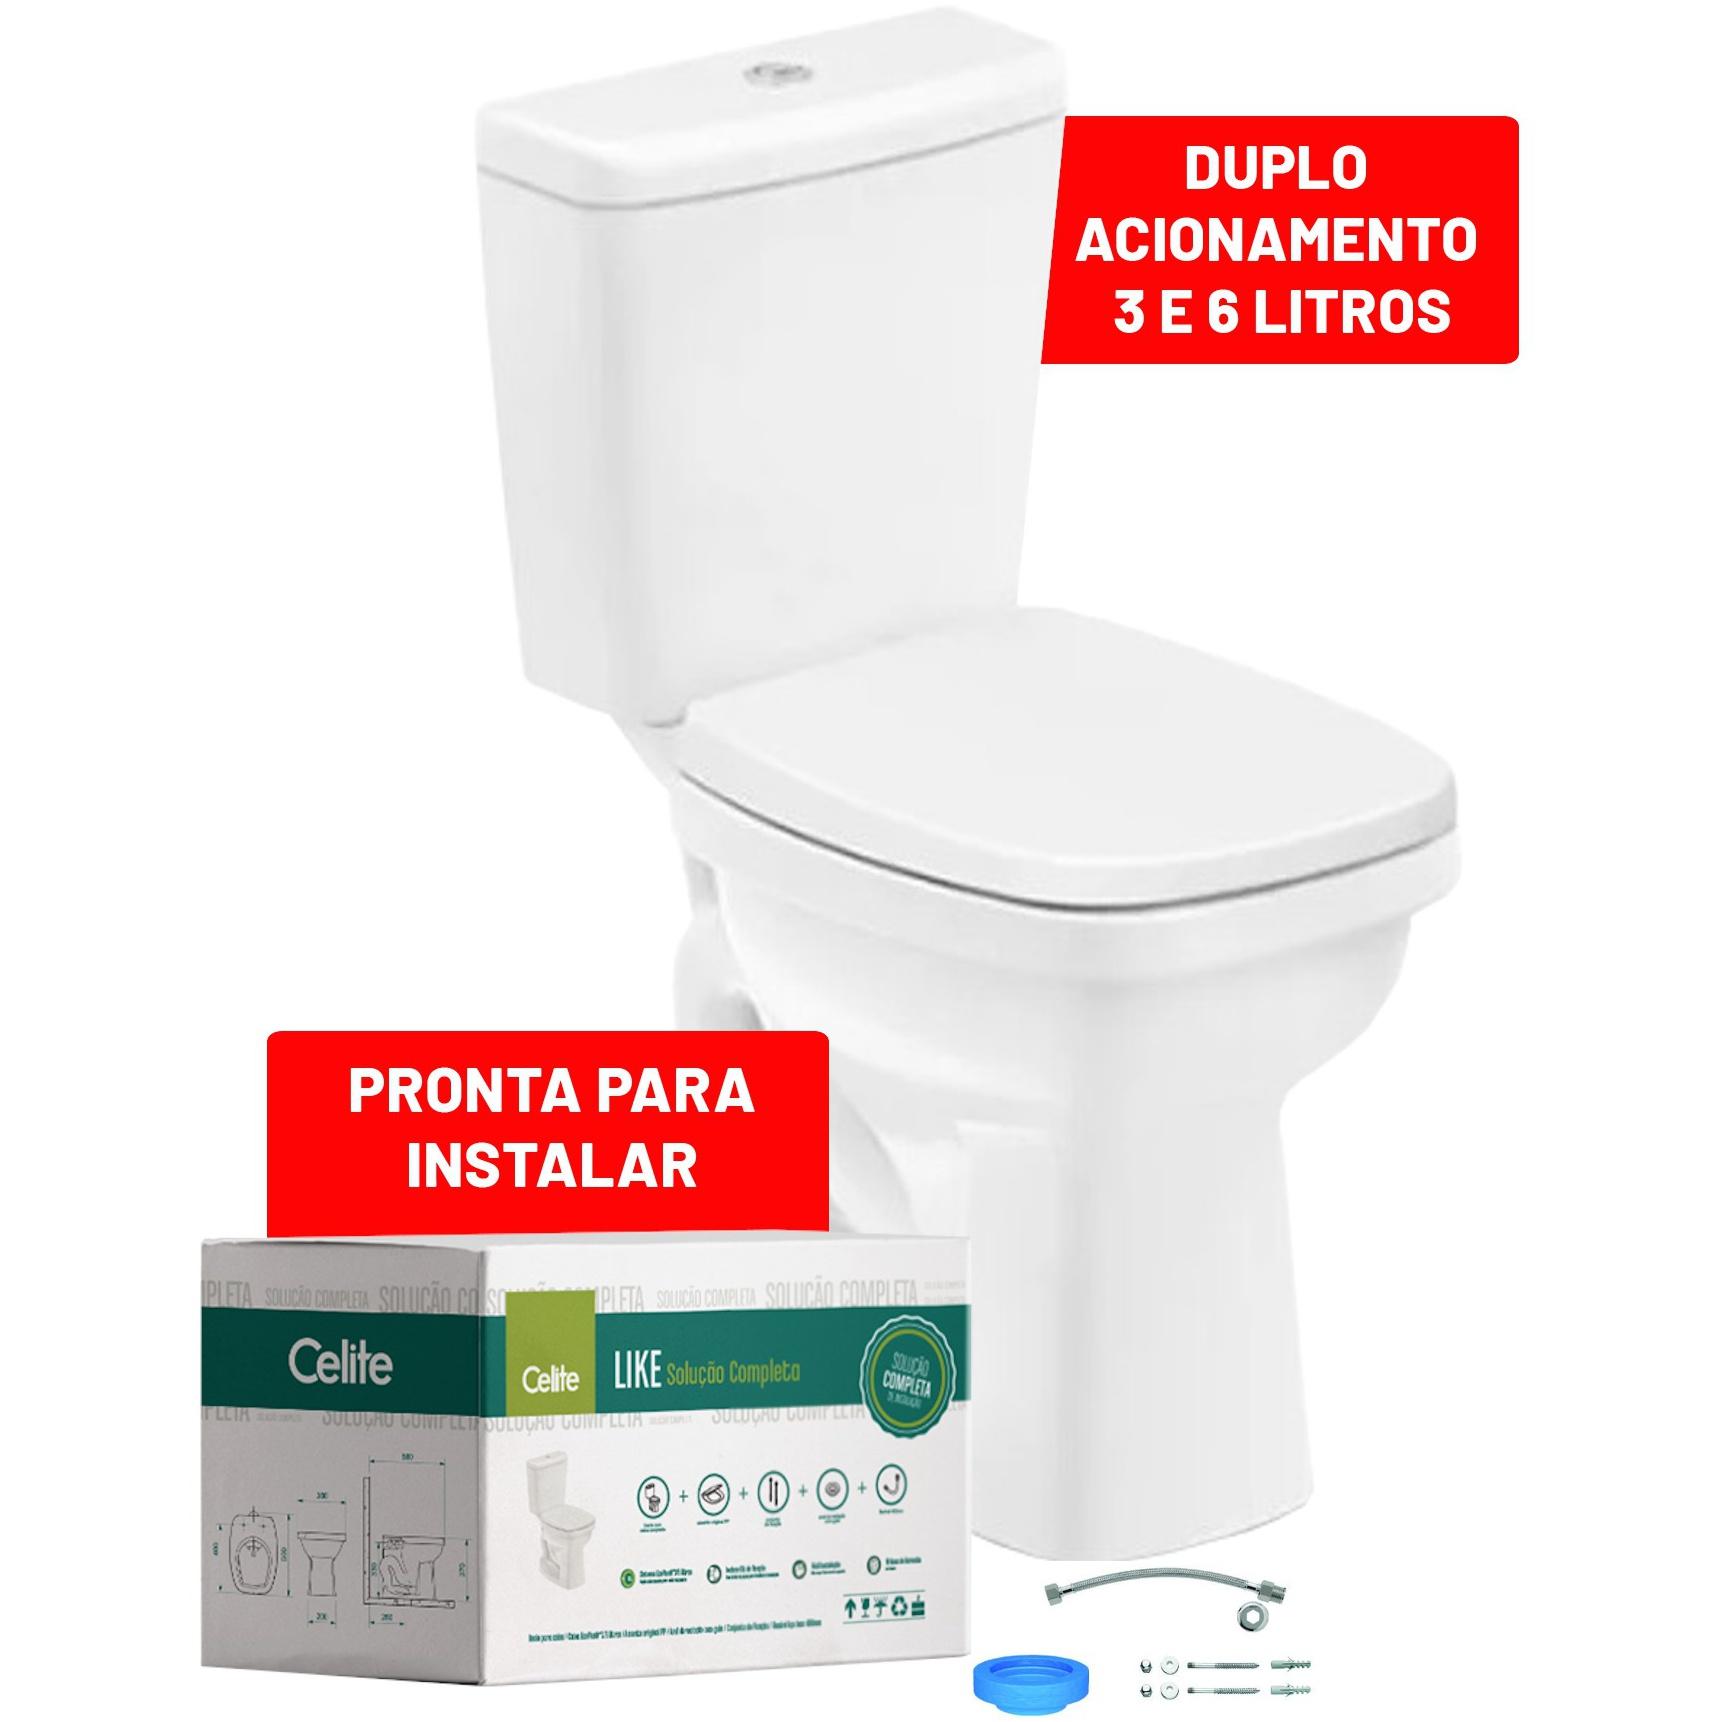 Kit Bacia Sanitaria com Caixa Acoplada 36 Litros Like com Acessorios Branco - Celite